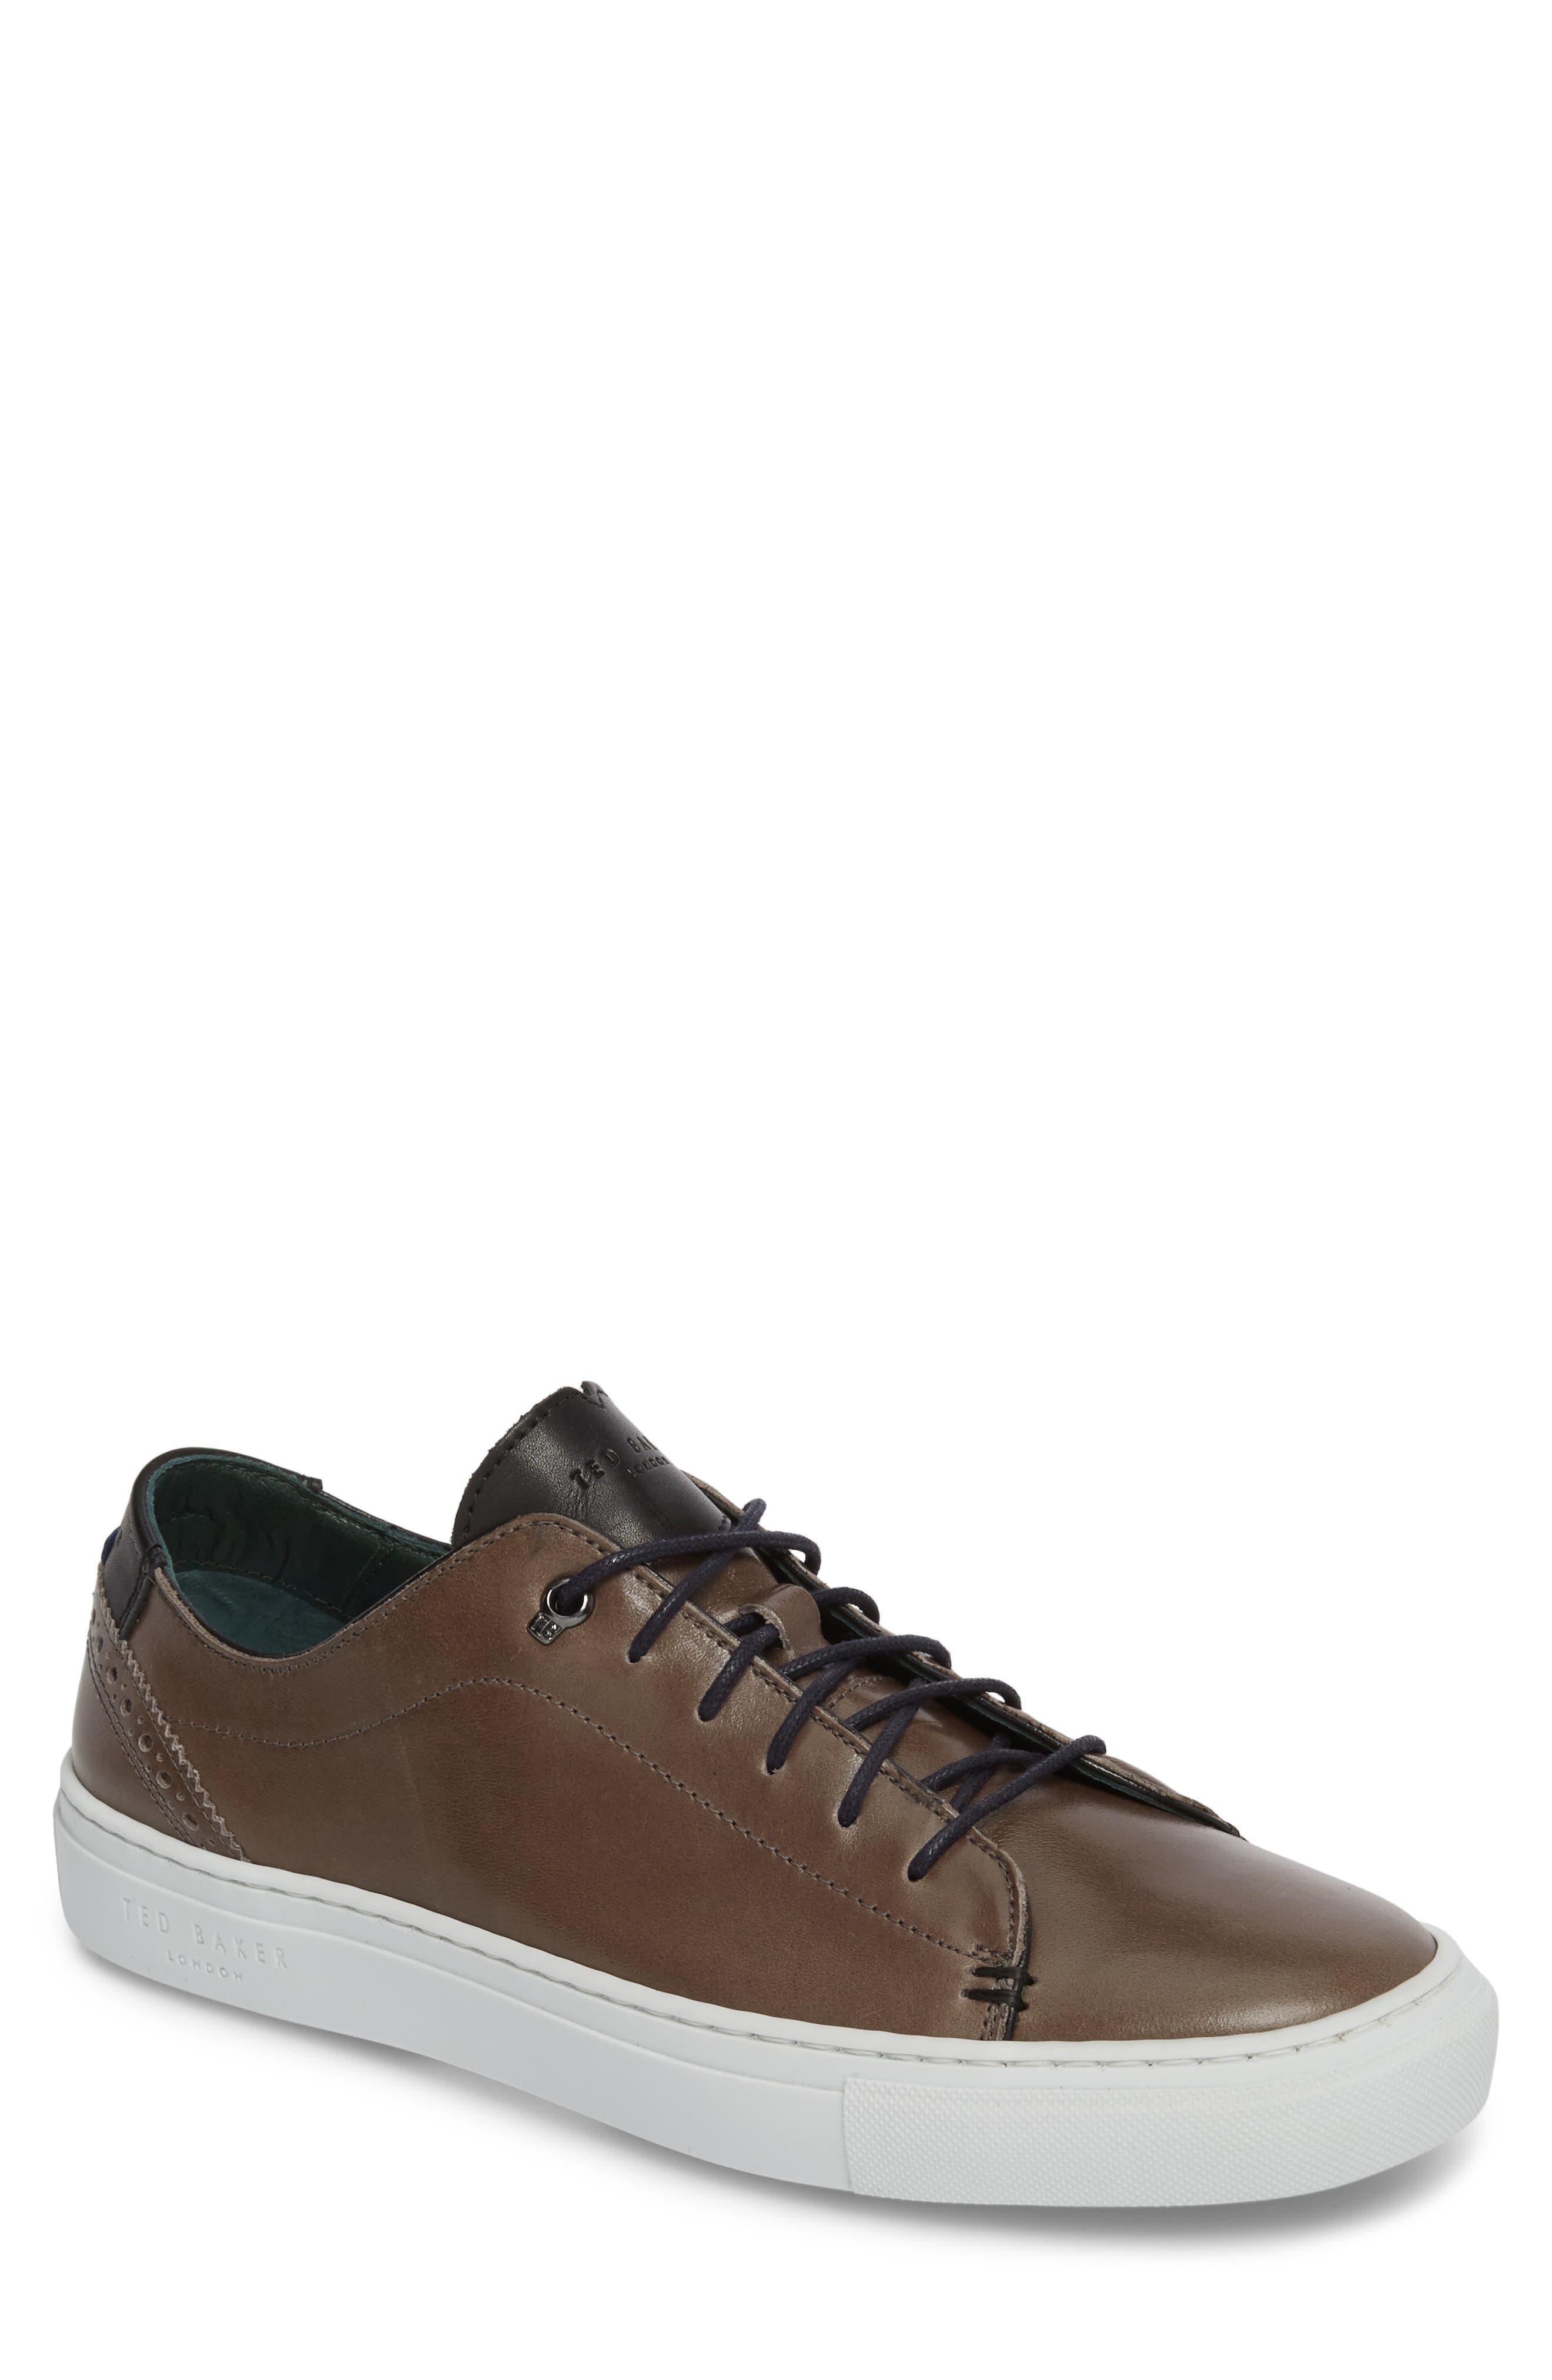 Duuke 2 Sneaker,                         Main,                         color, 028